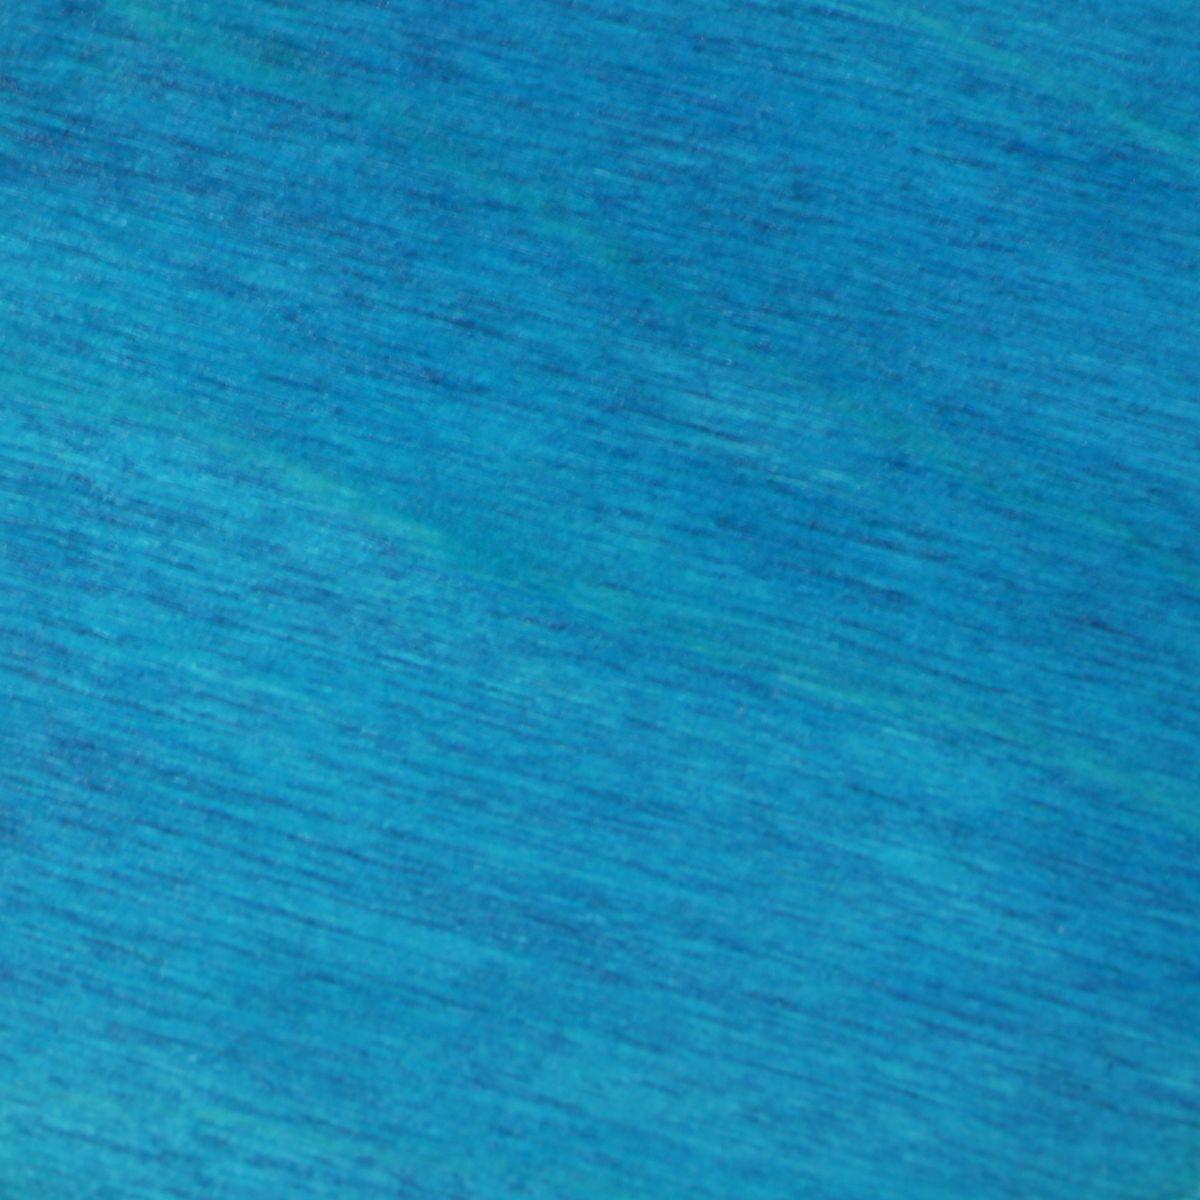 """Z0020-04, Лазурь по дереву - синий, Синий-0Z0020-04Декоративная лазурь """"Craft Premier"""" на акриловой основе великолепно подчеркивает естественную структуру древесины, создавая полупрозрачное матовое покрытие желаемого оттенка (в палитре представлены как натуральные, так и яркие цвета). В отличие от морилки"""